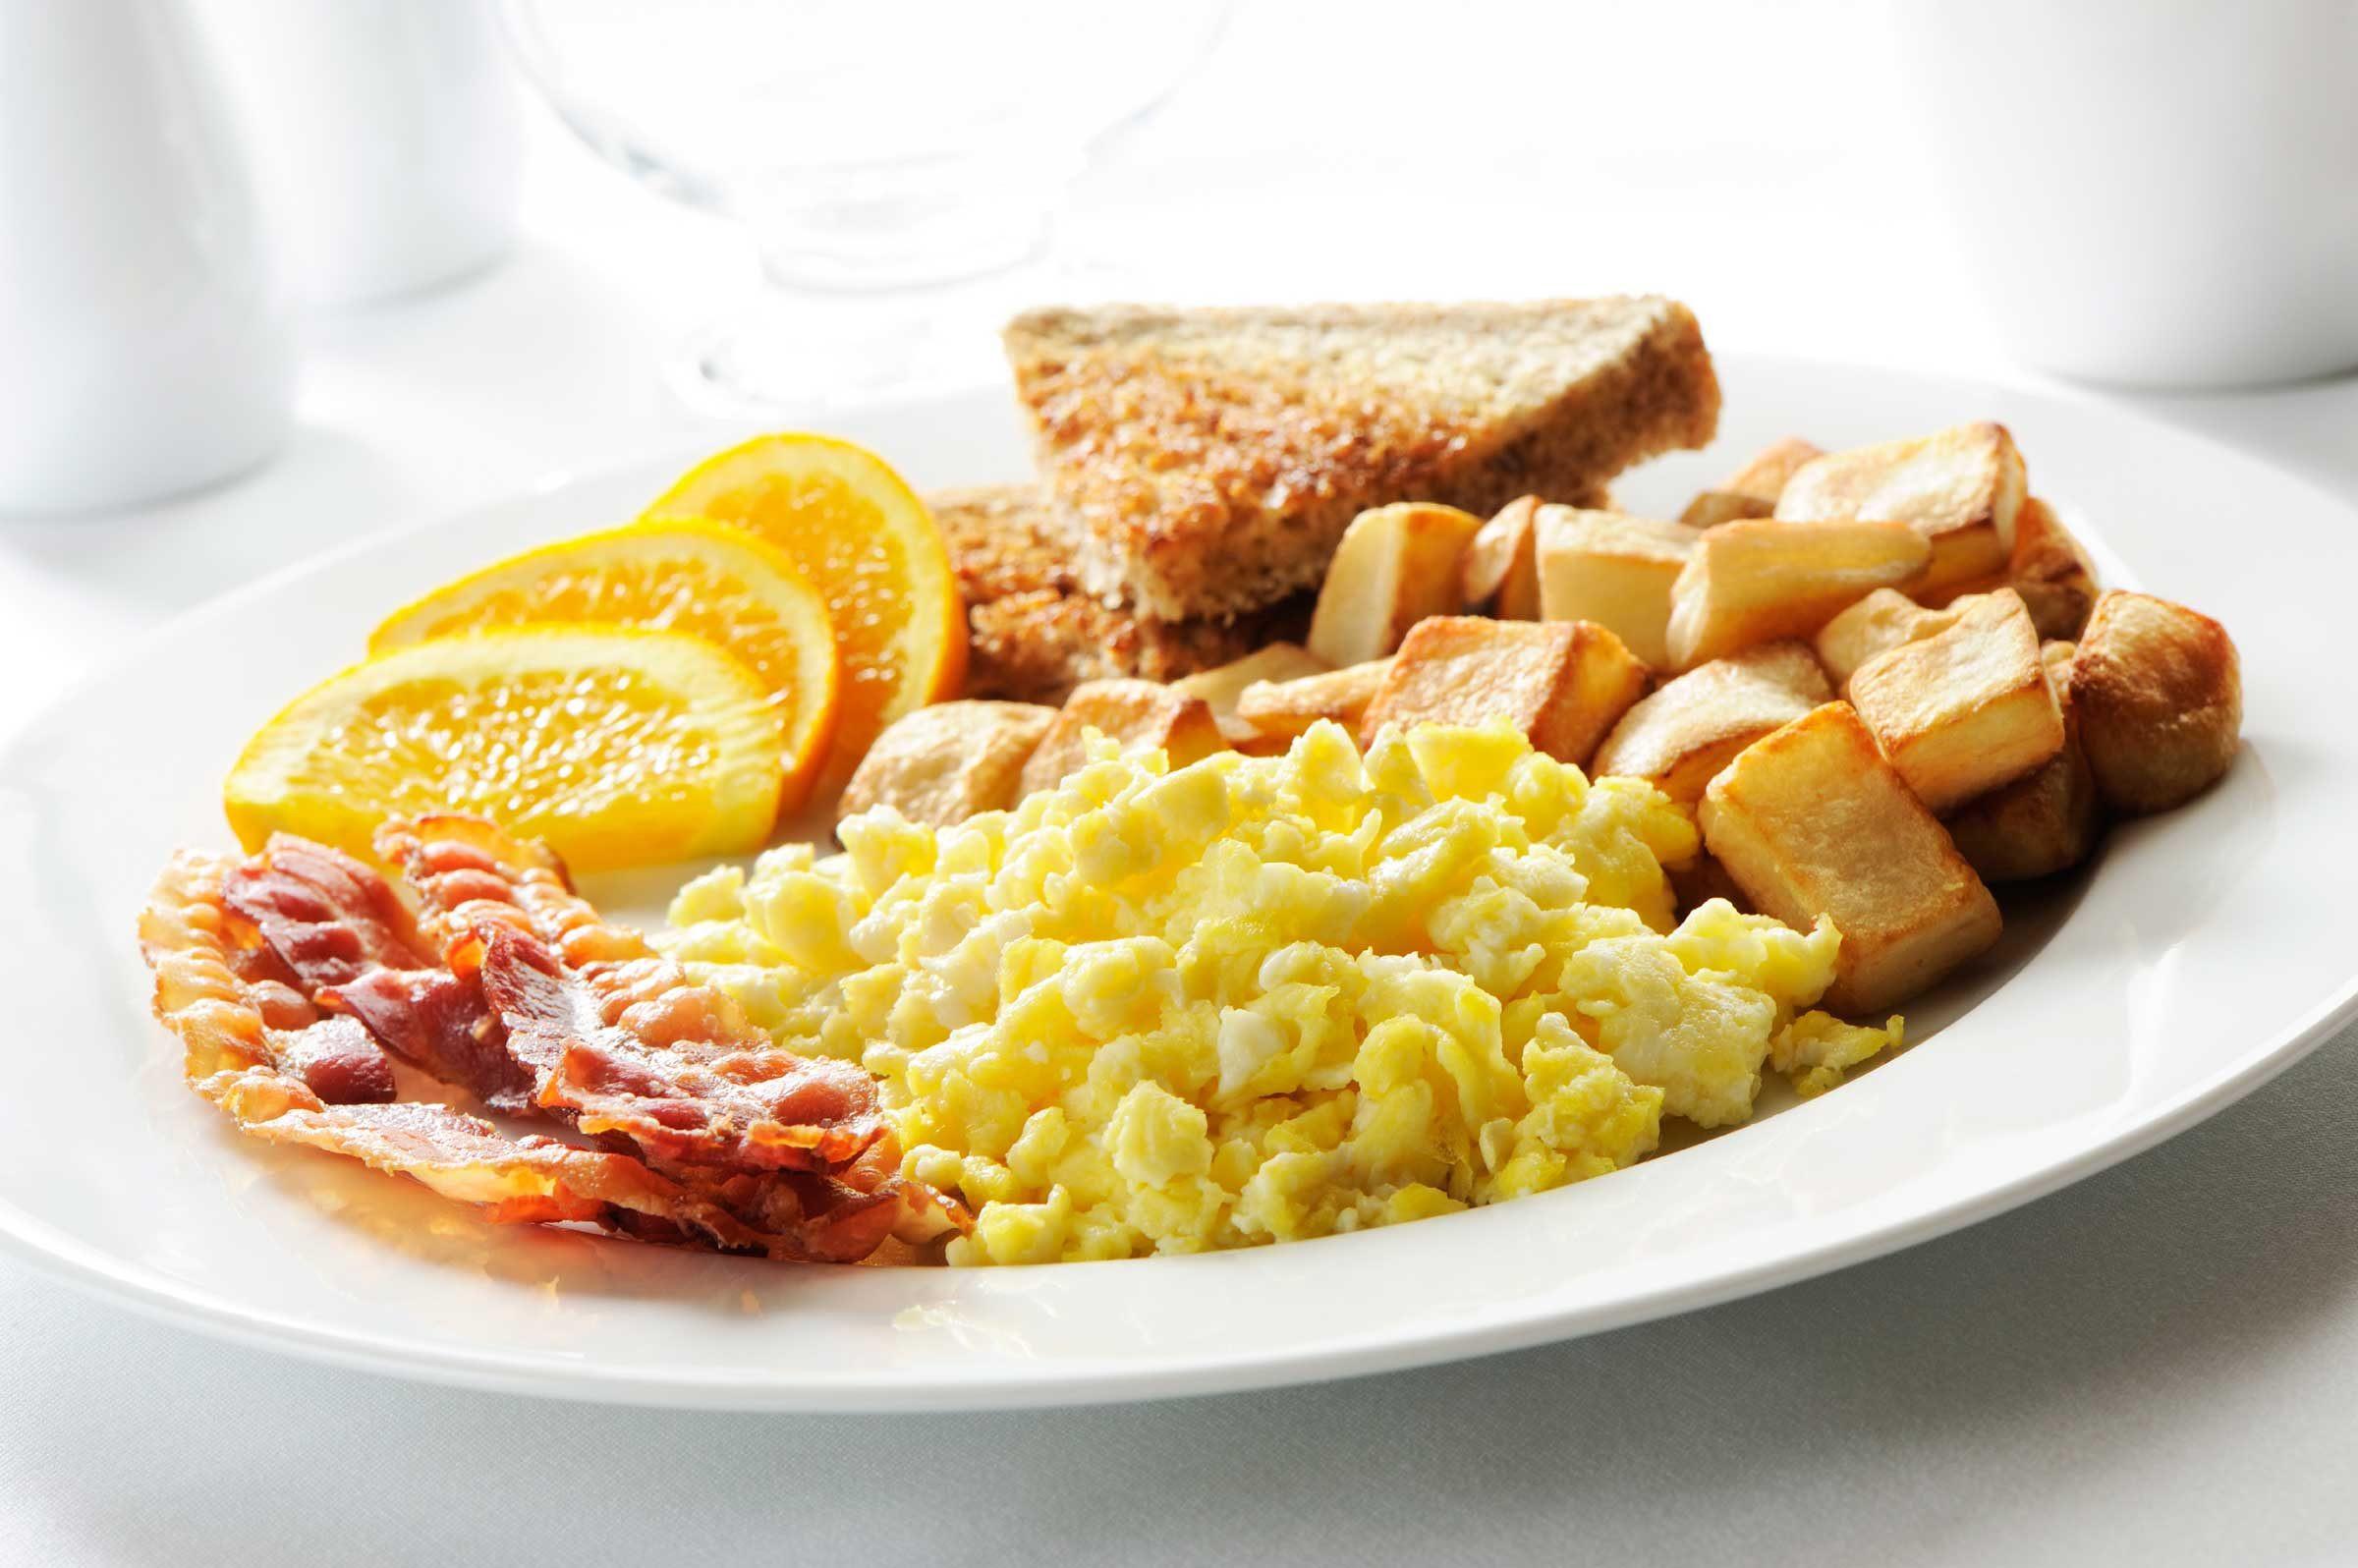 Diabetic Brunch Recipes  Diabetic Breakfast Rules All Diabetics Must Follow